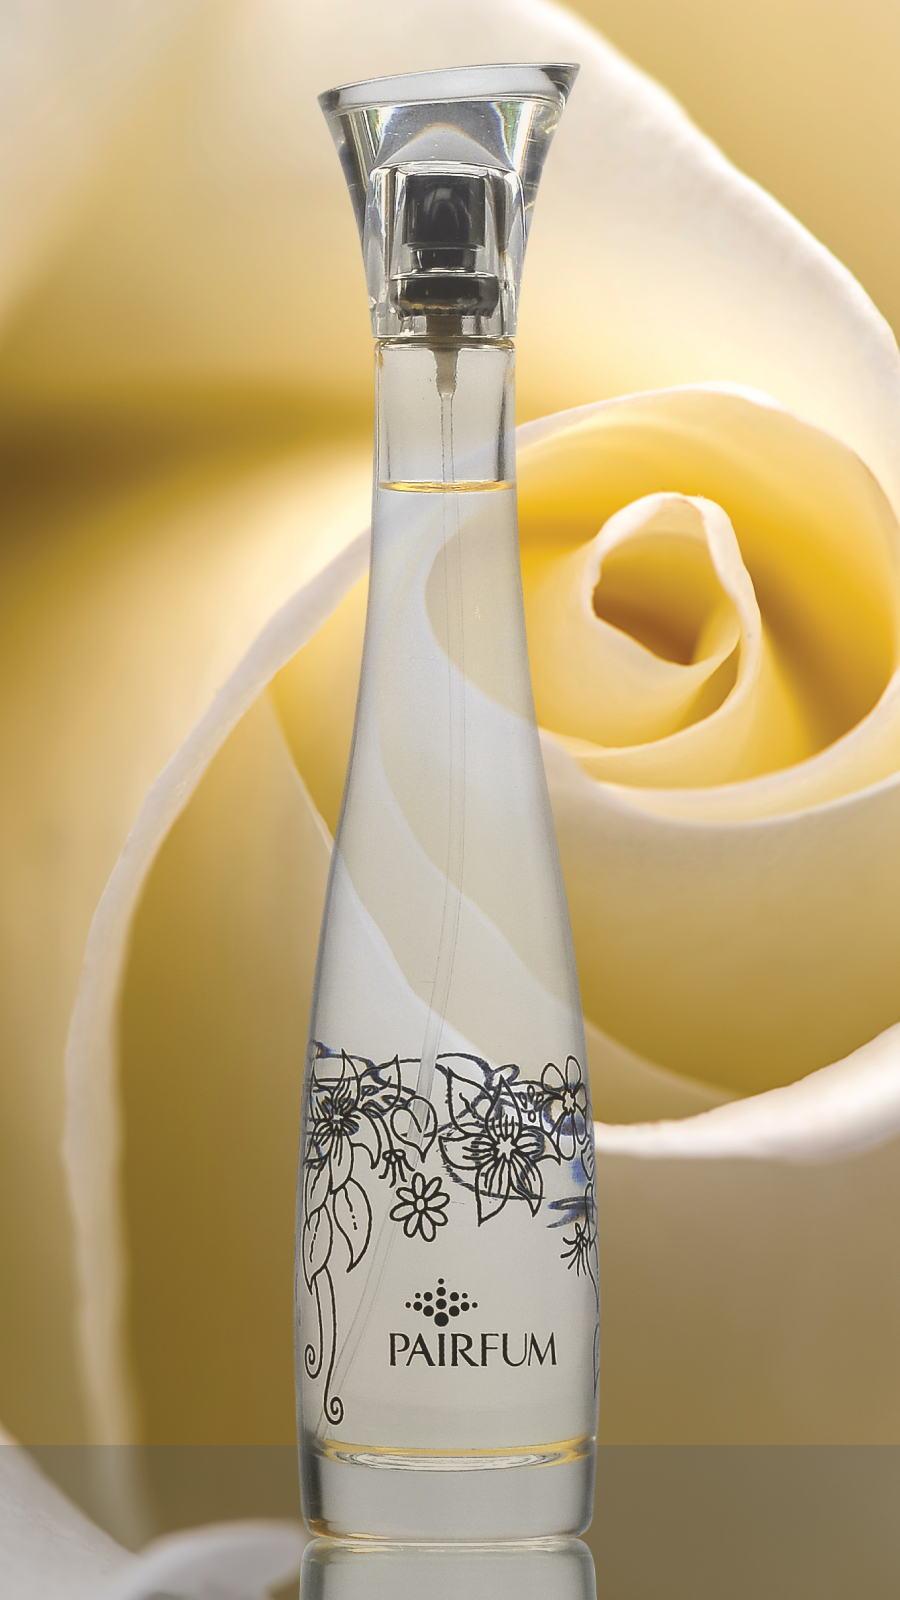 Flacon Room Fragrance Spray Rose White Flower 9 16